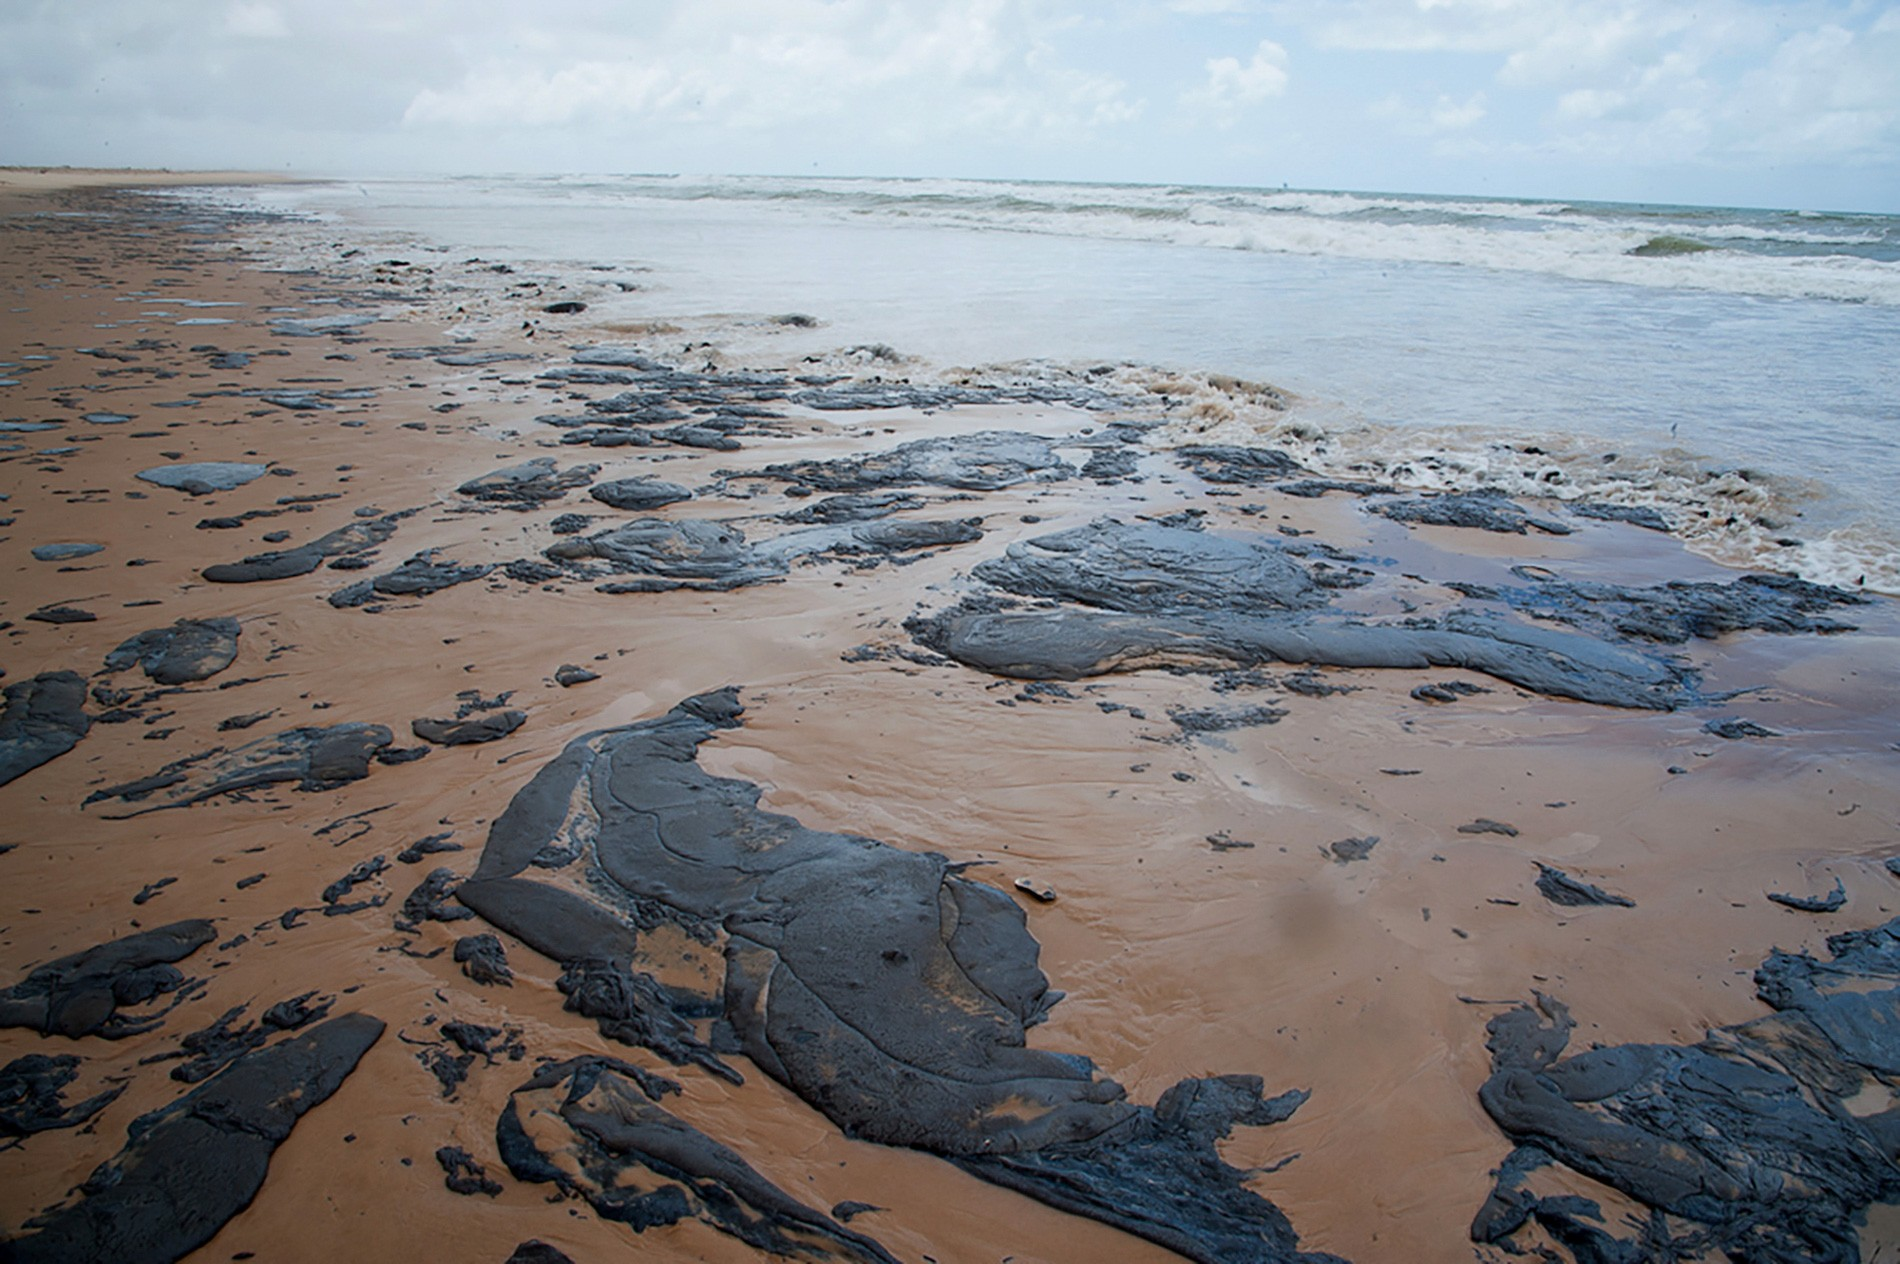 Estado de Sergipe pede que R$ 289 milhões da União sejam bloqueados para custear limpeza do óleo no litoral - Notícias - Plantão Diário